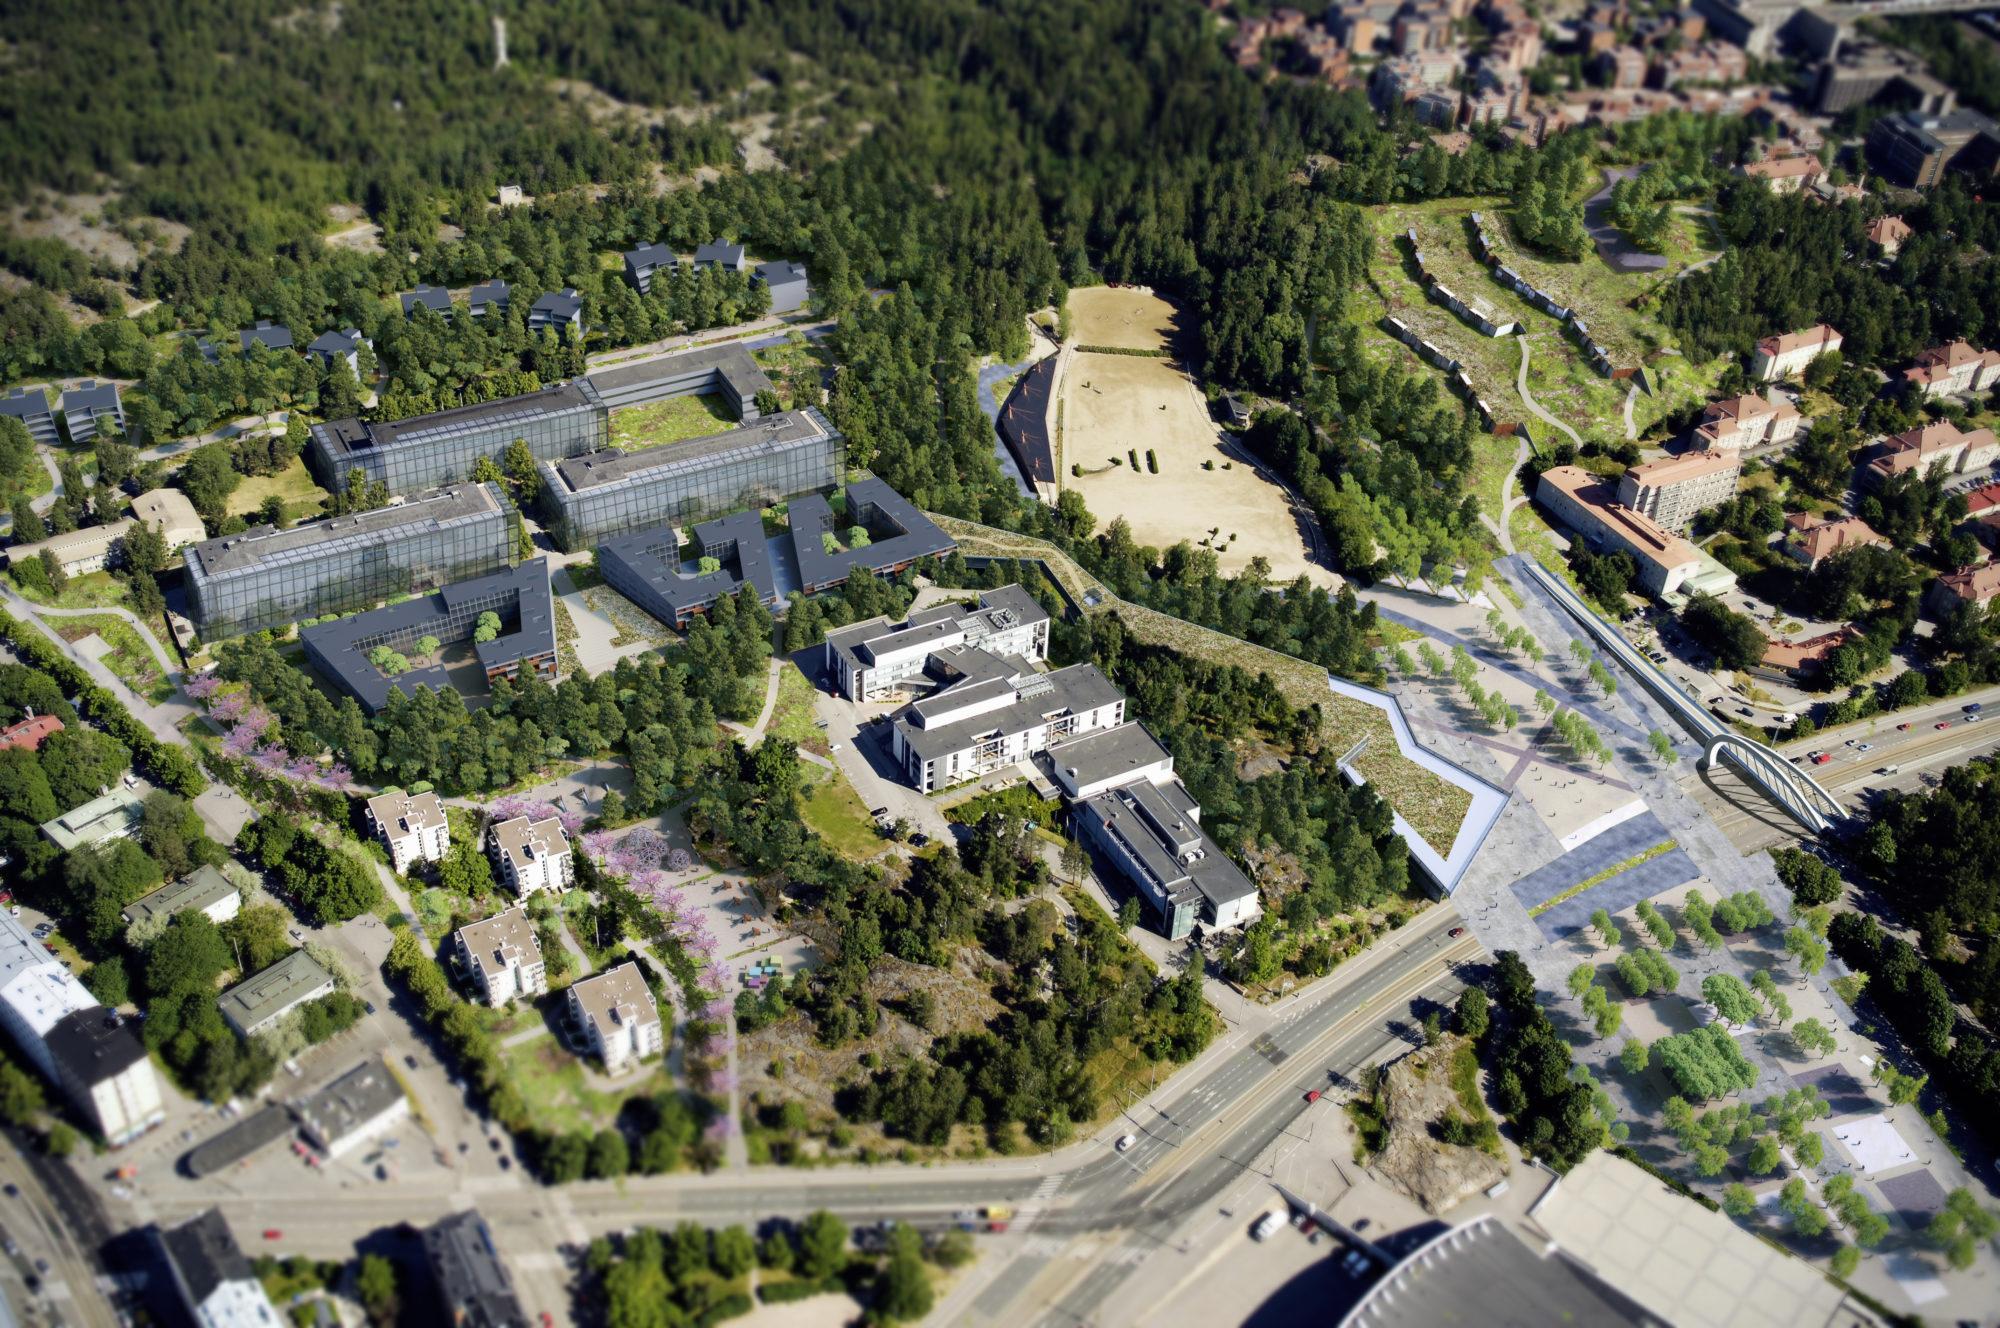 Hôpital Helsinki projet 3D, Helsinki hospital 3D project